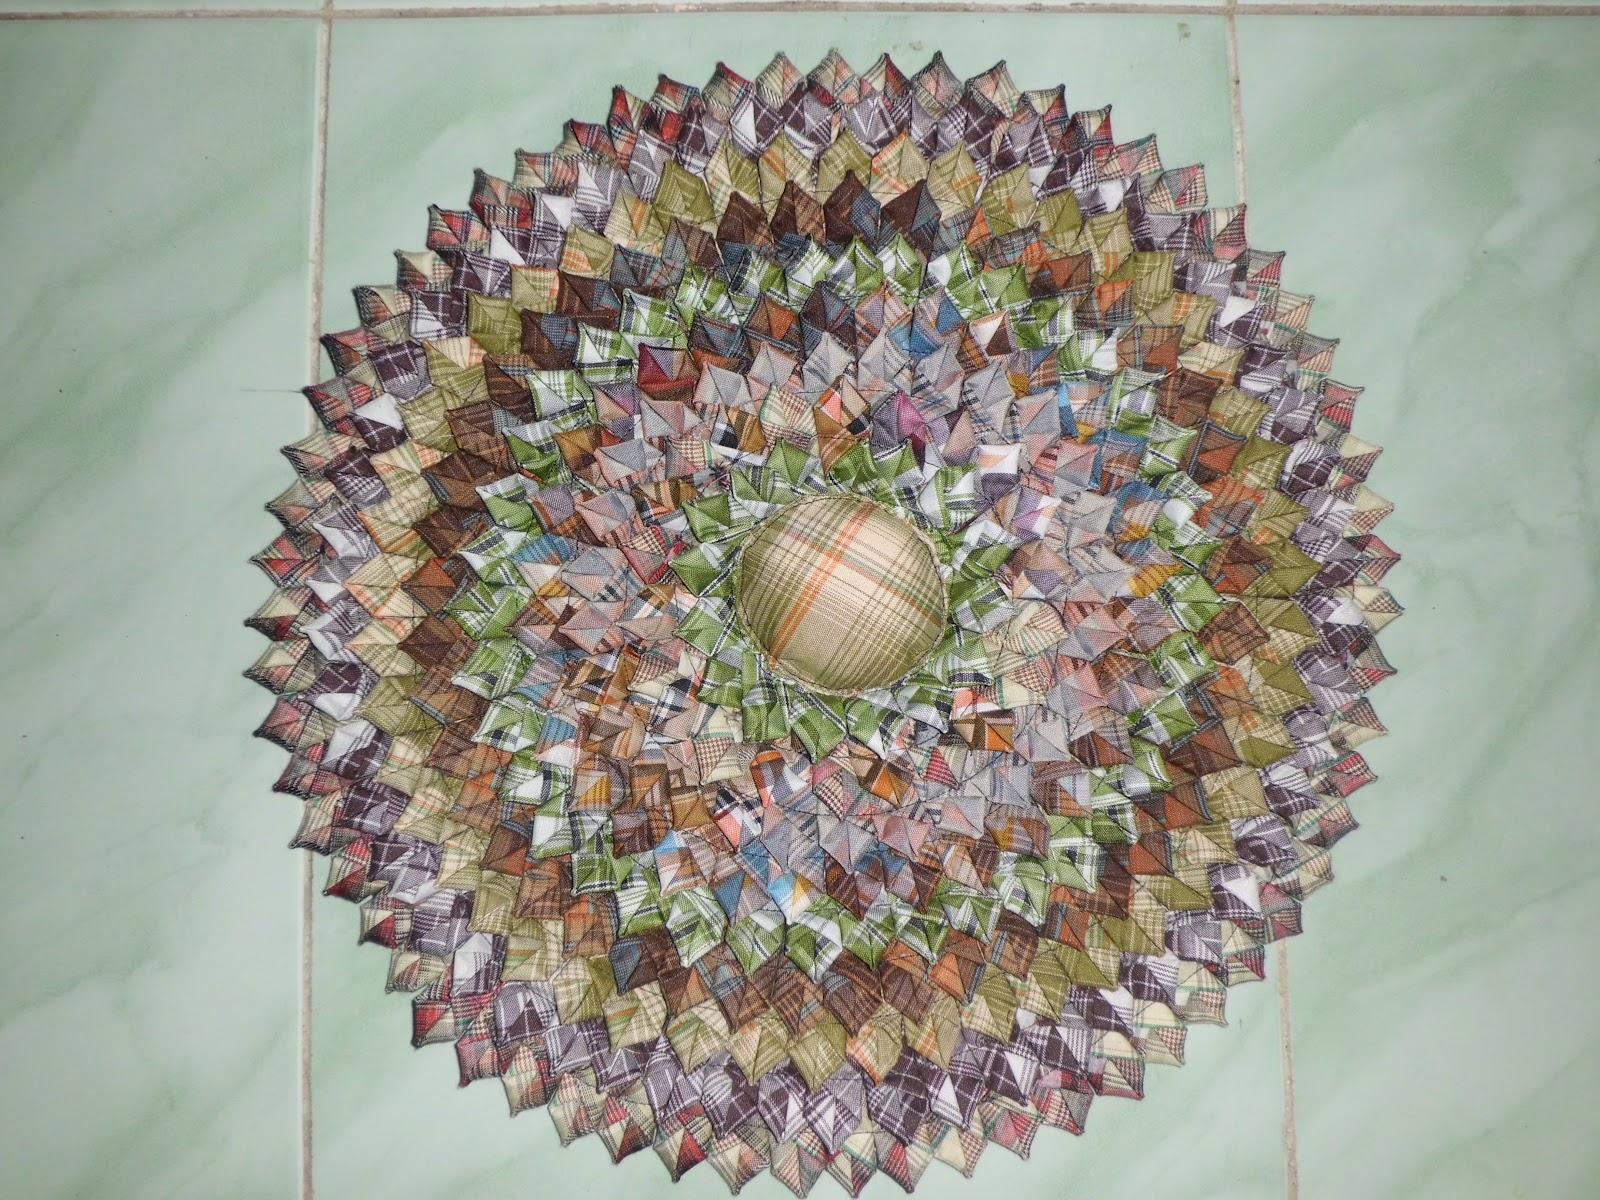 tadi. Dibawah ini contoh motif dan bentuk keset dari kain perca